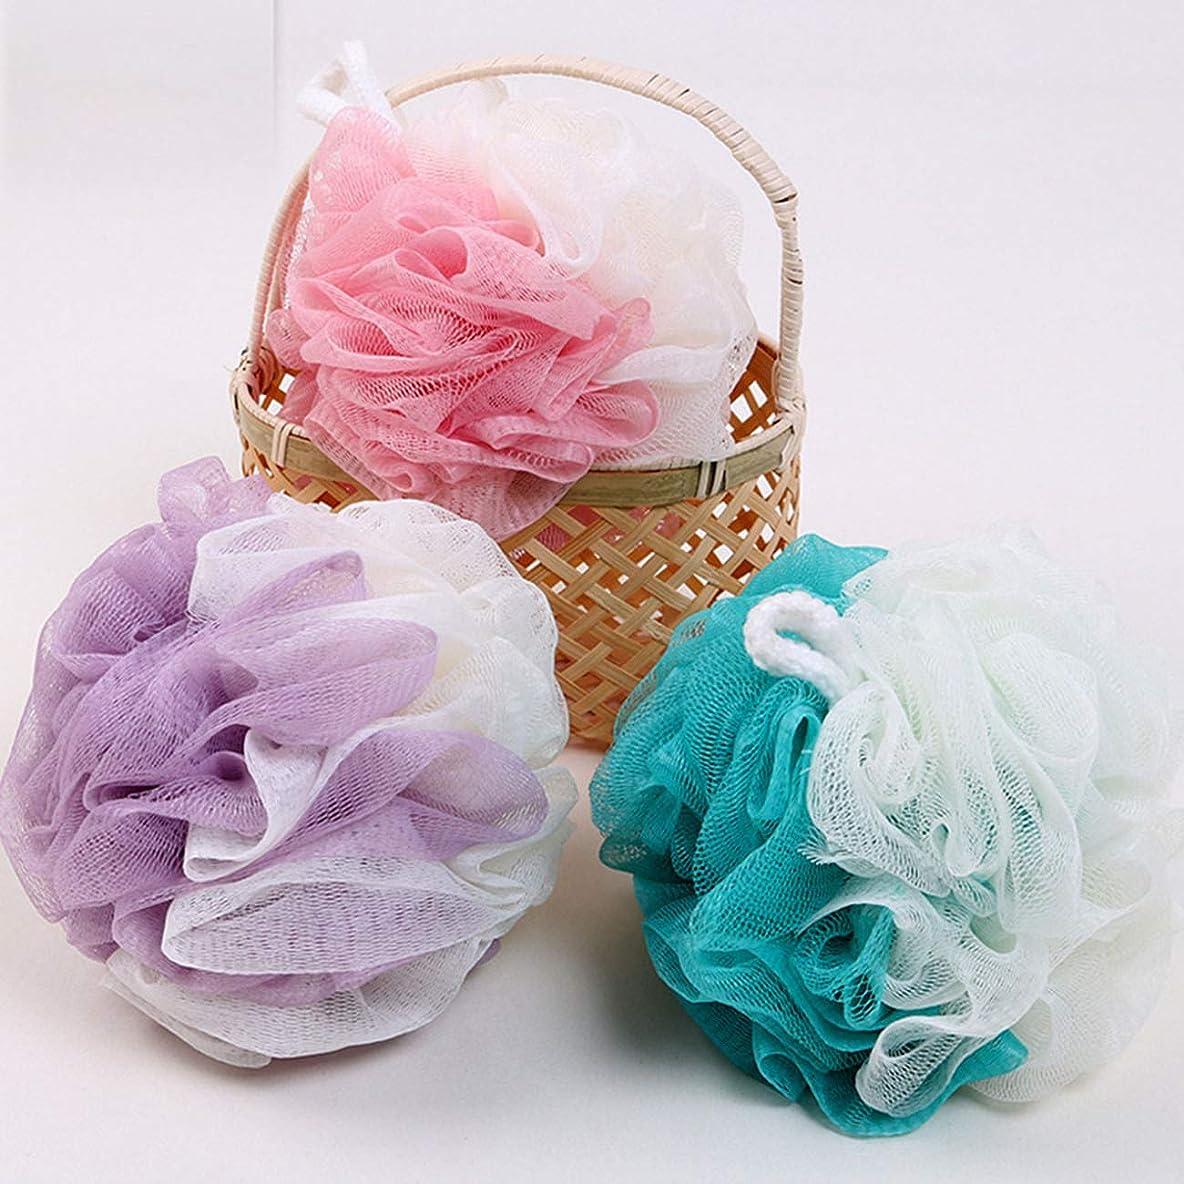 操作分解するライナーボディウォッシュボール 泡立てネット スポンジ フラワーボール 超柔軟 シャワー用 風呂 浴室 3 個入 (3 個入, Pink + Purple + Blue)